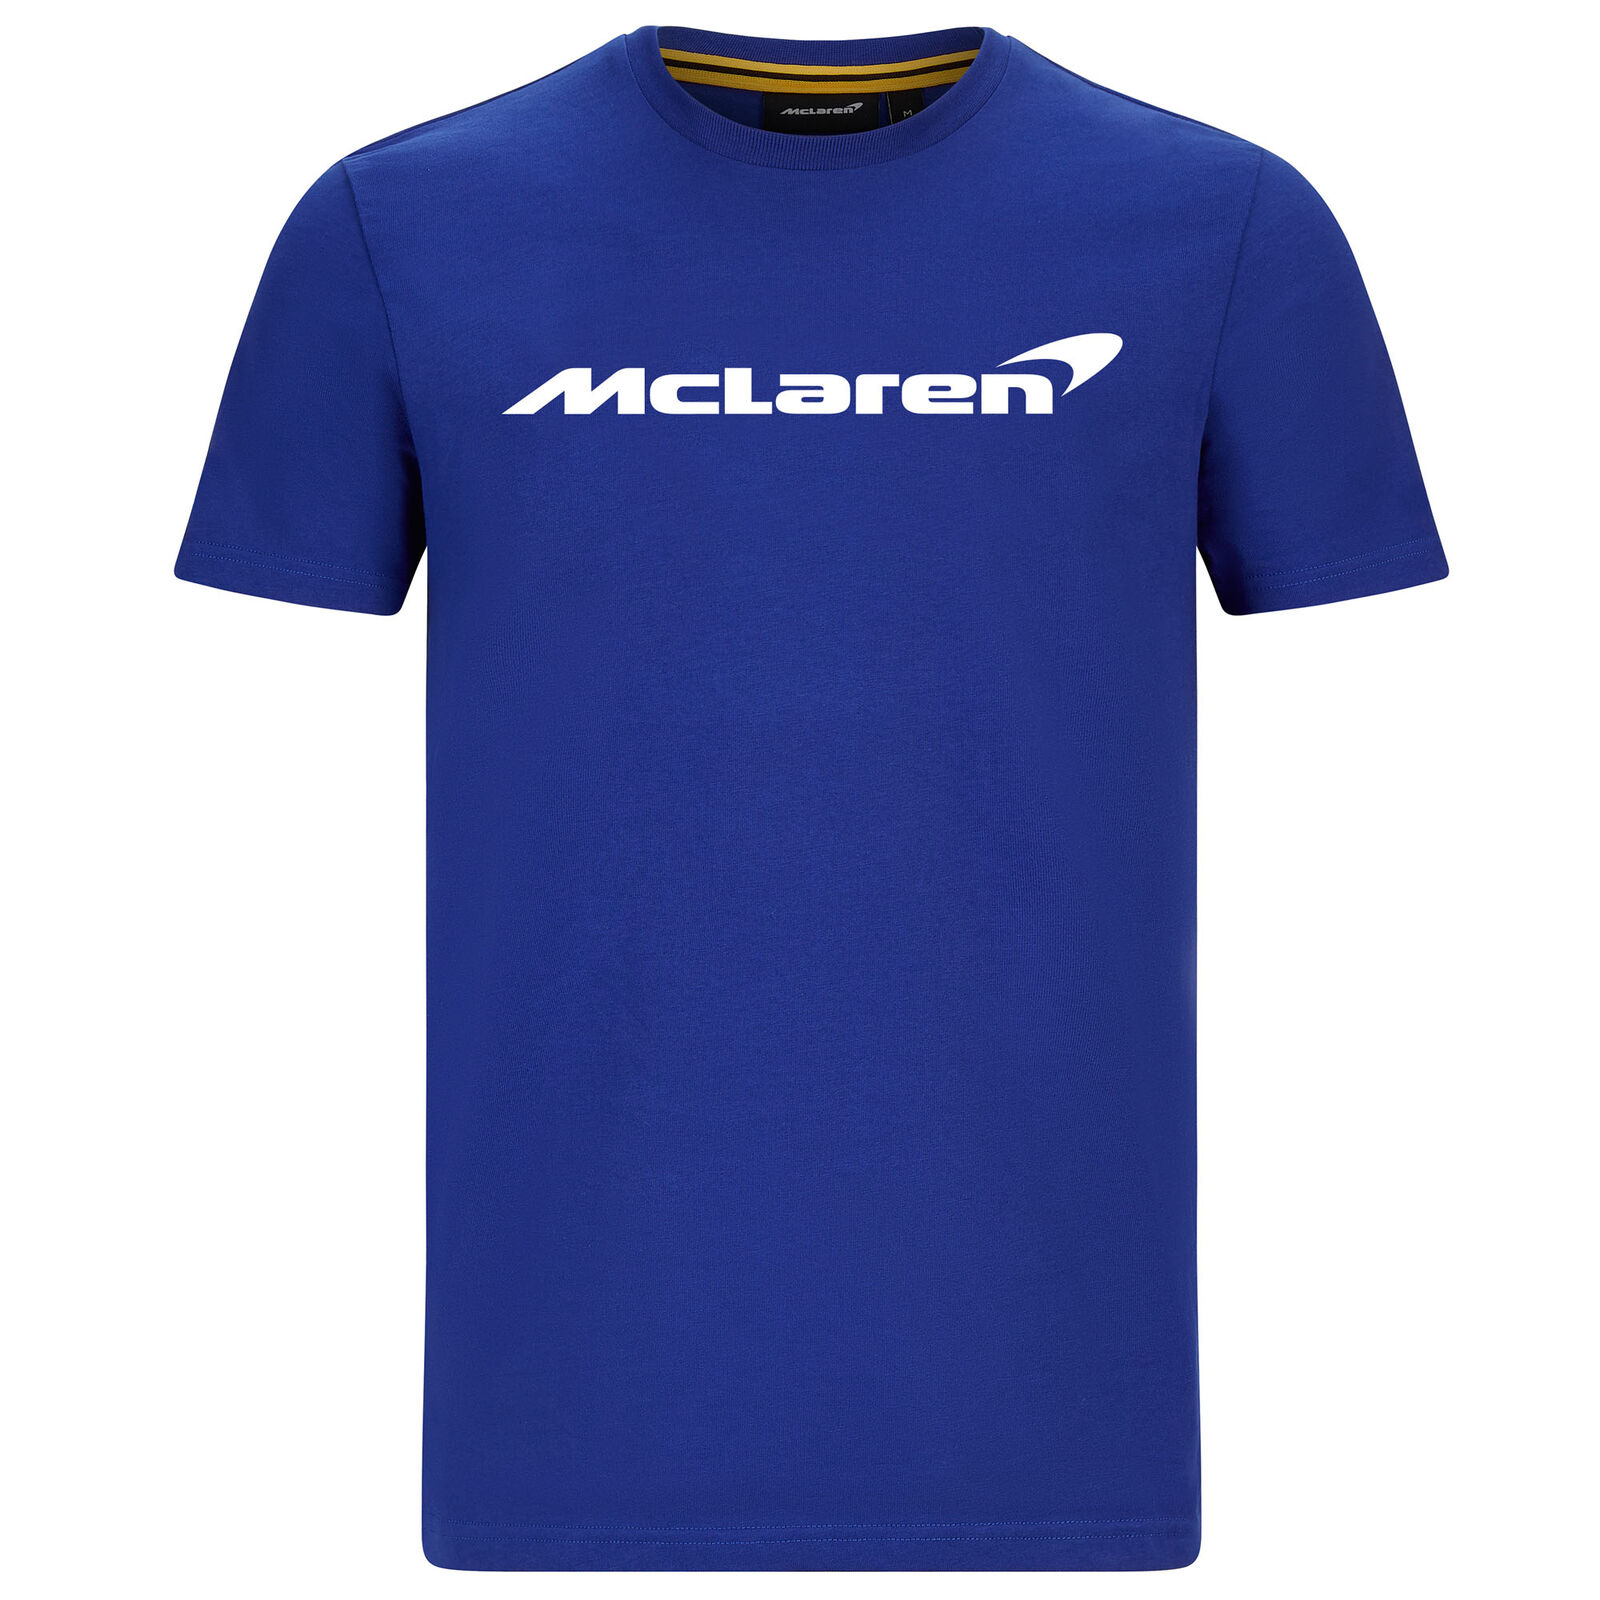 Mclaren F1 Team Official Blue Tee マクラーレン オフィシャル Tシャツ 半袖 ブルー